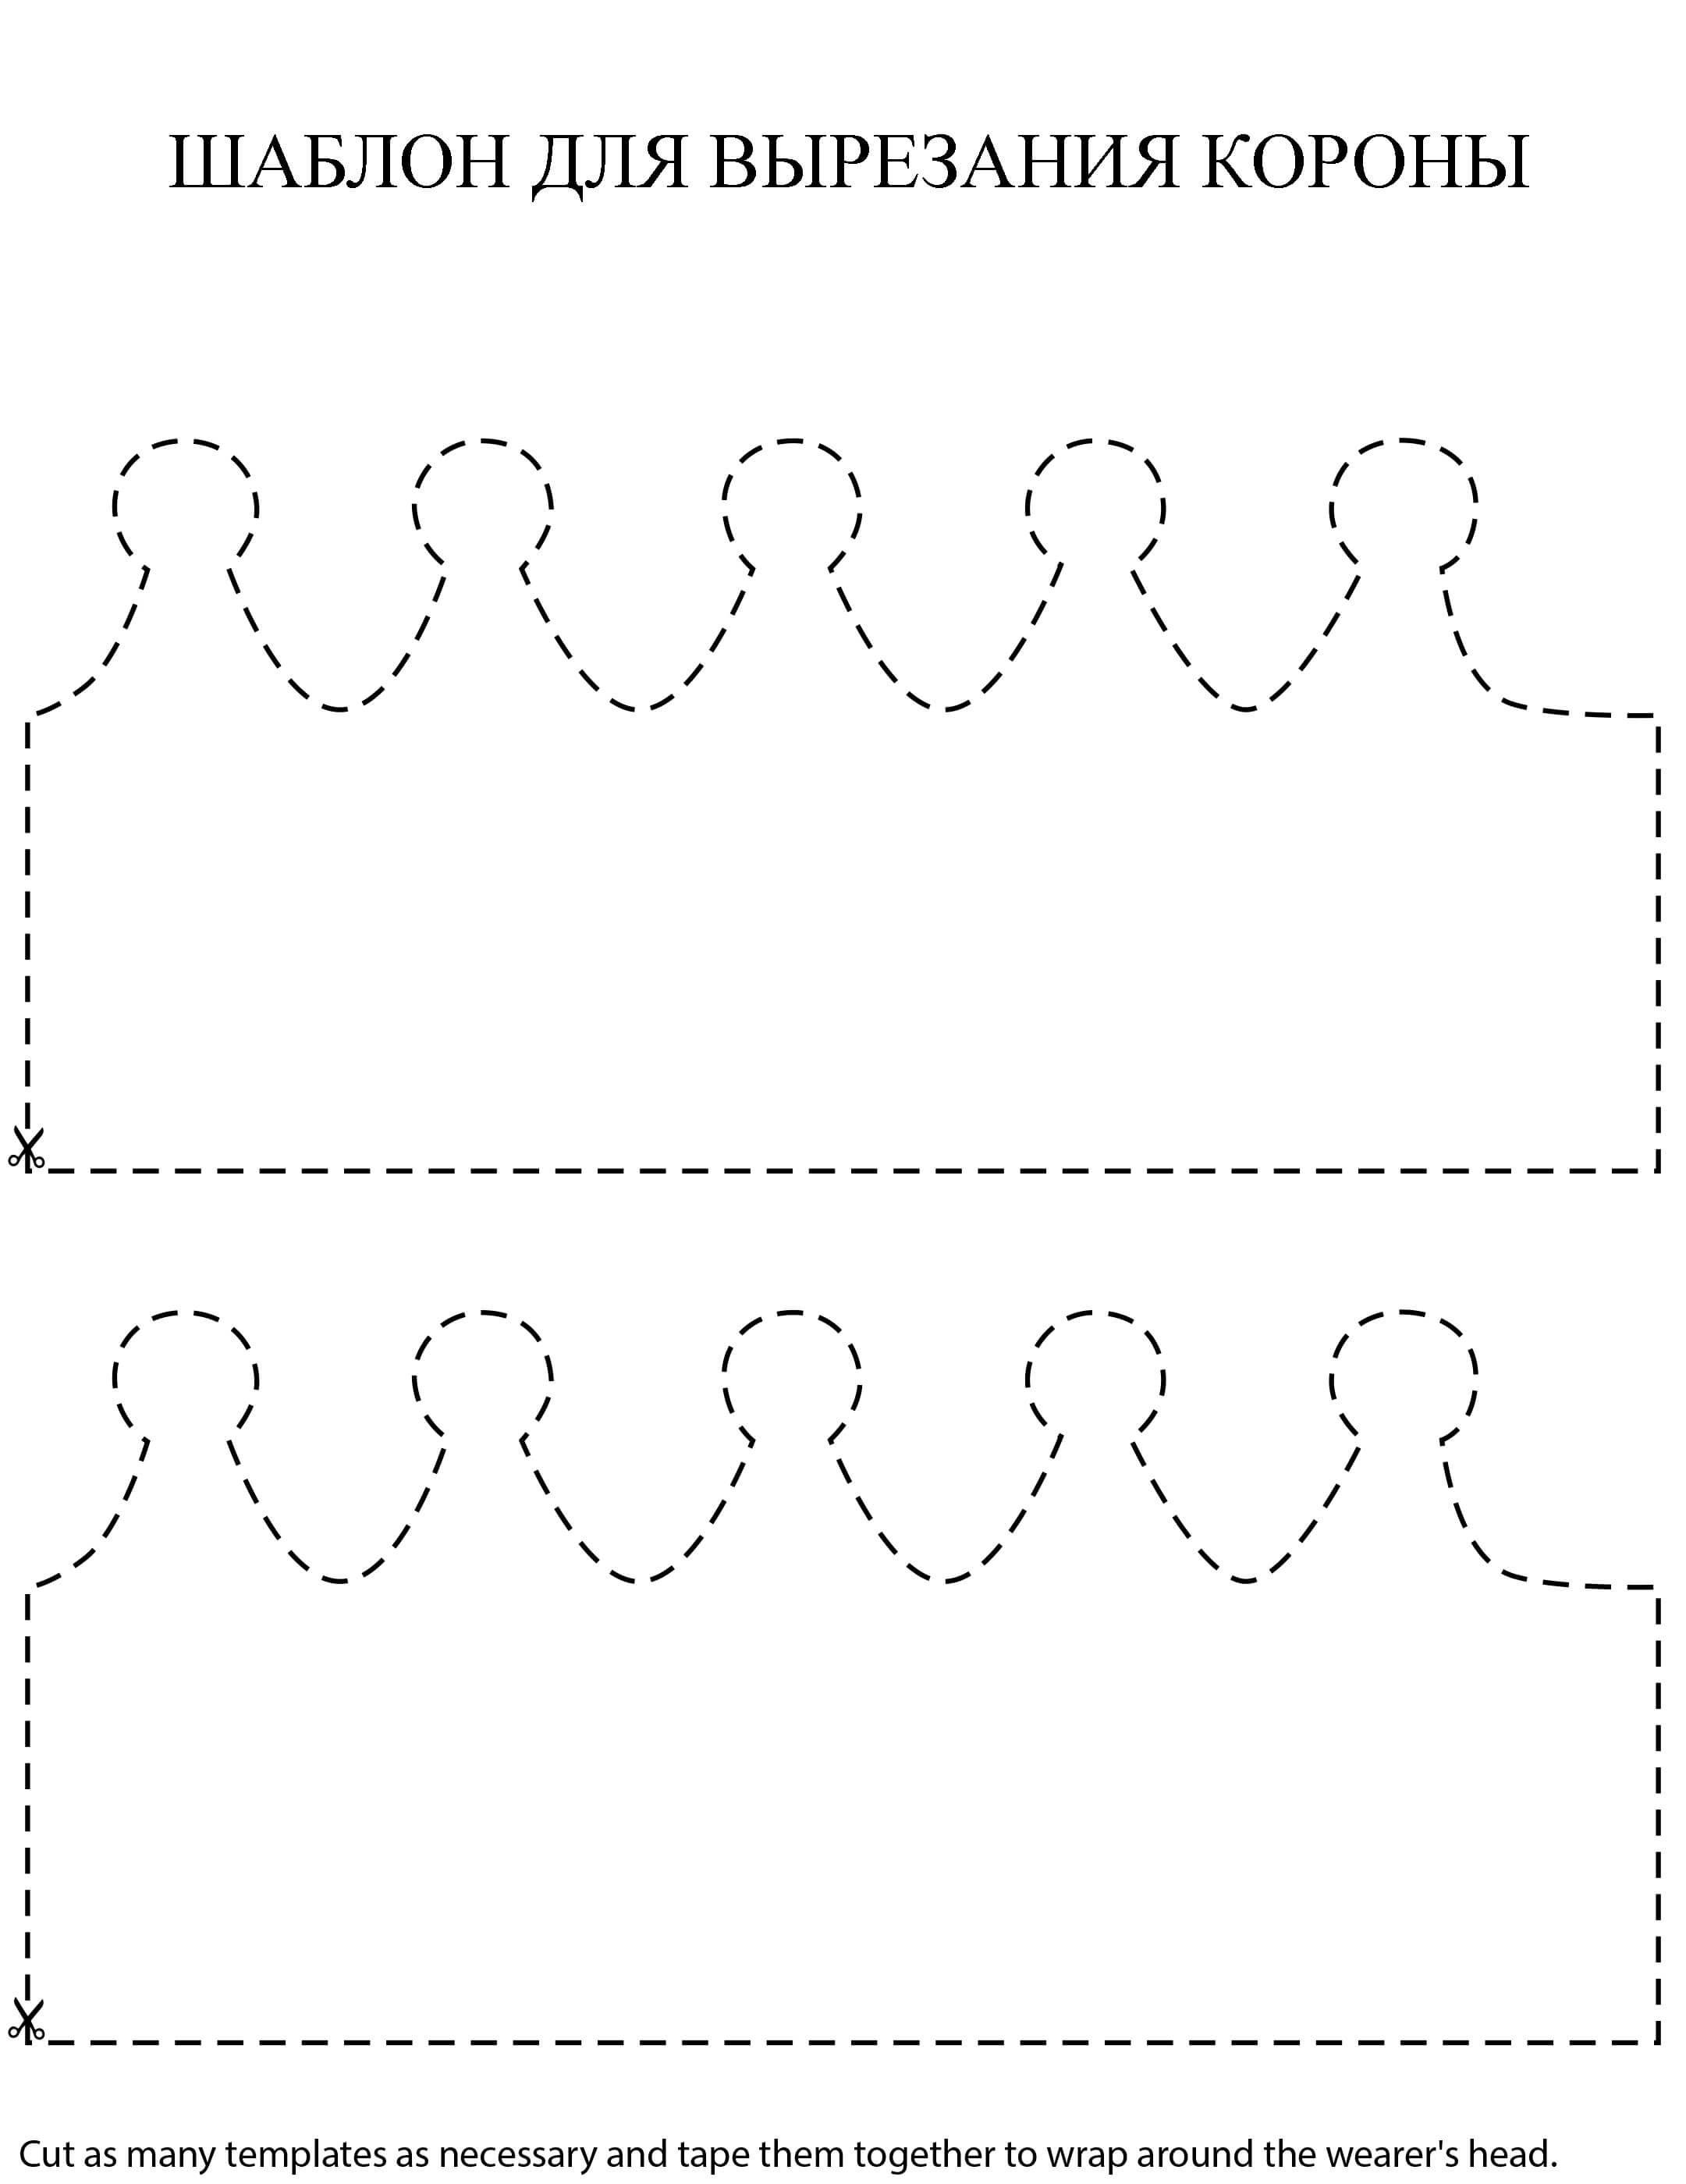 Шаблон для вырезания короны с ободком из ваты